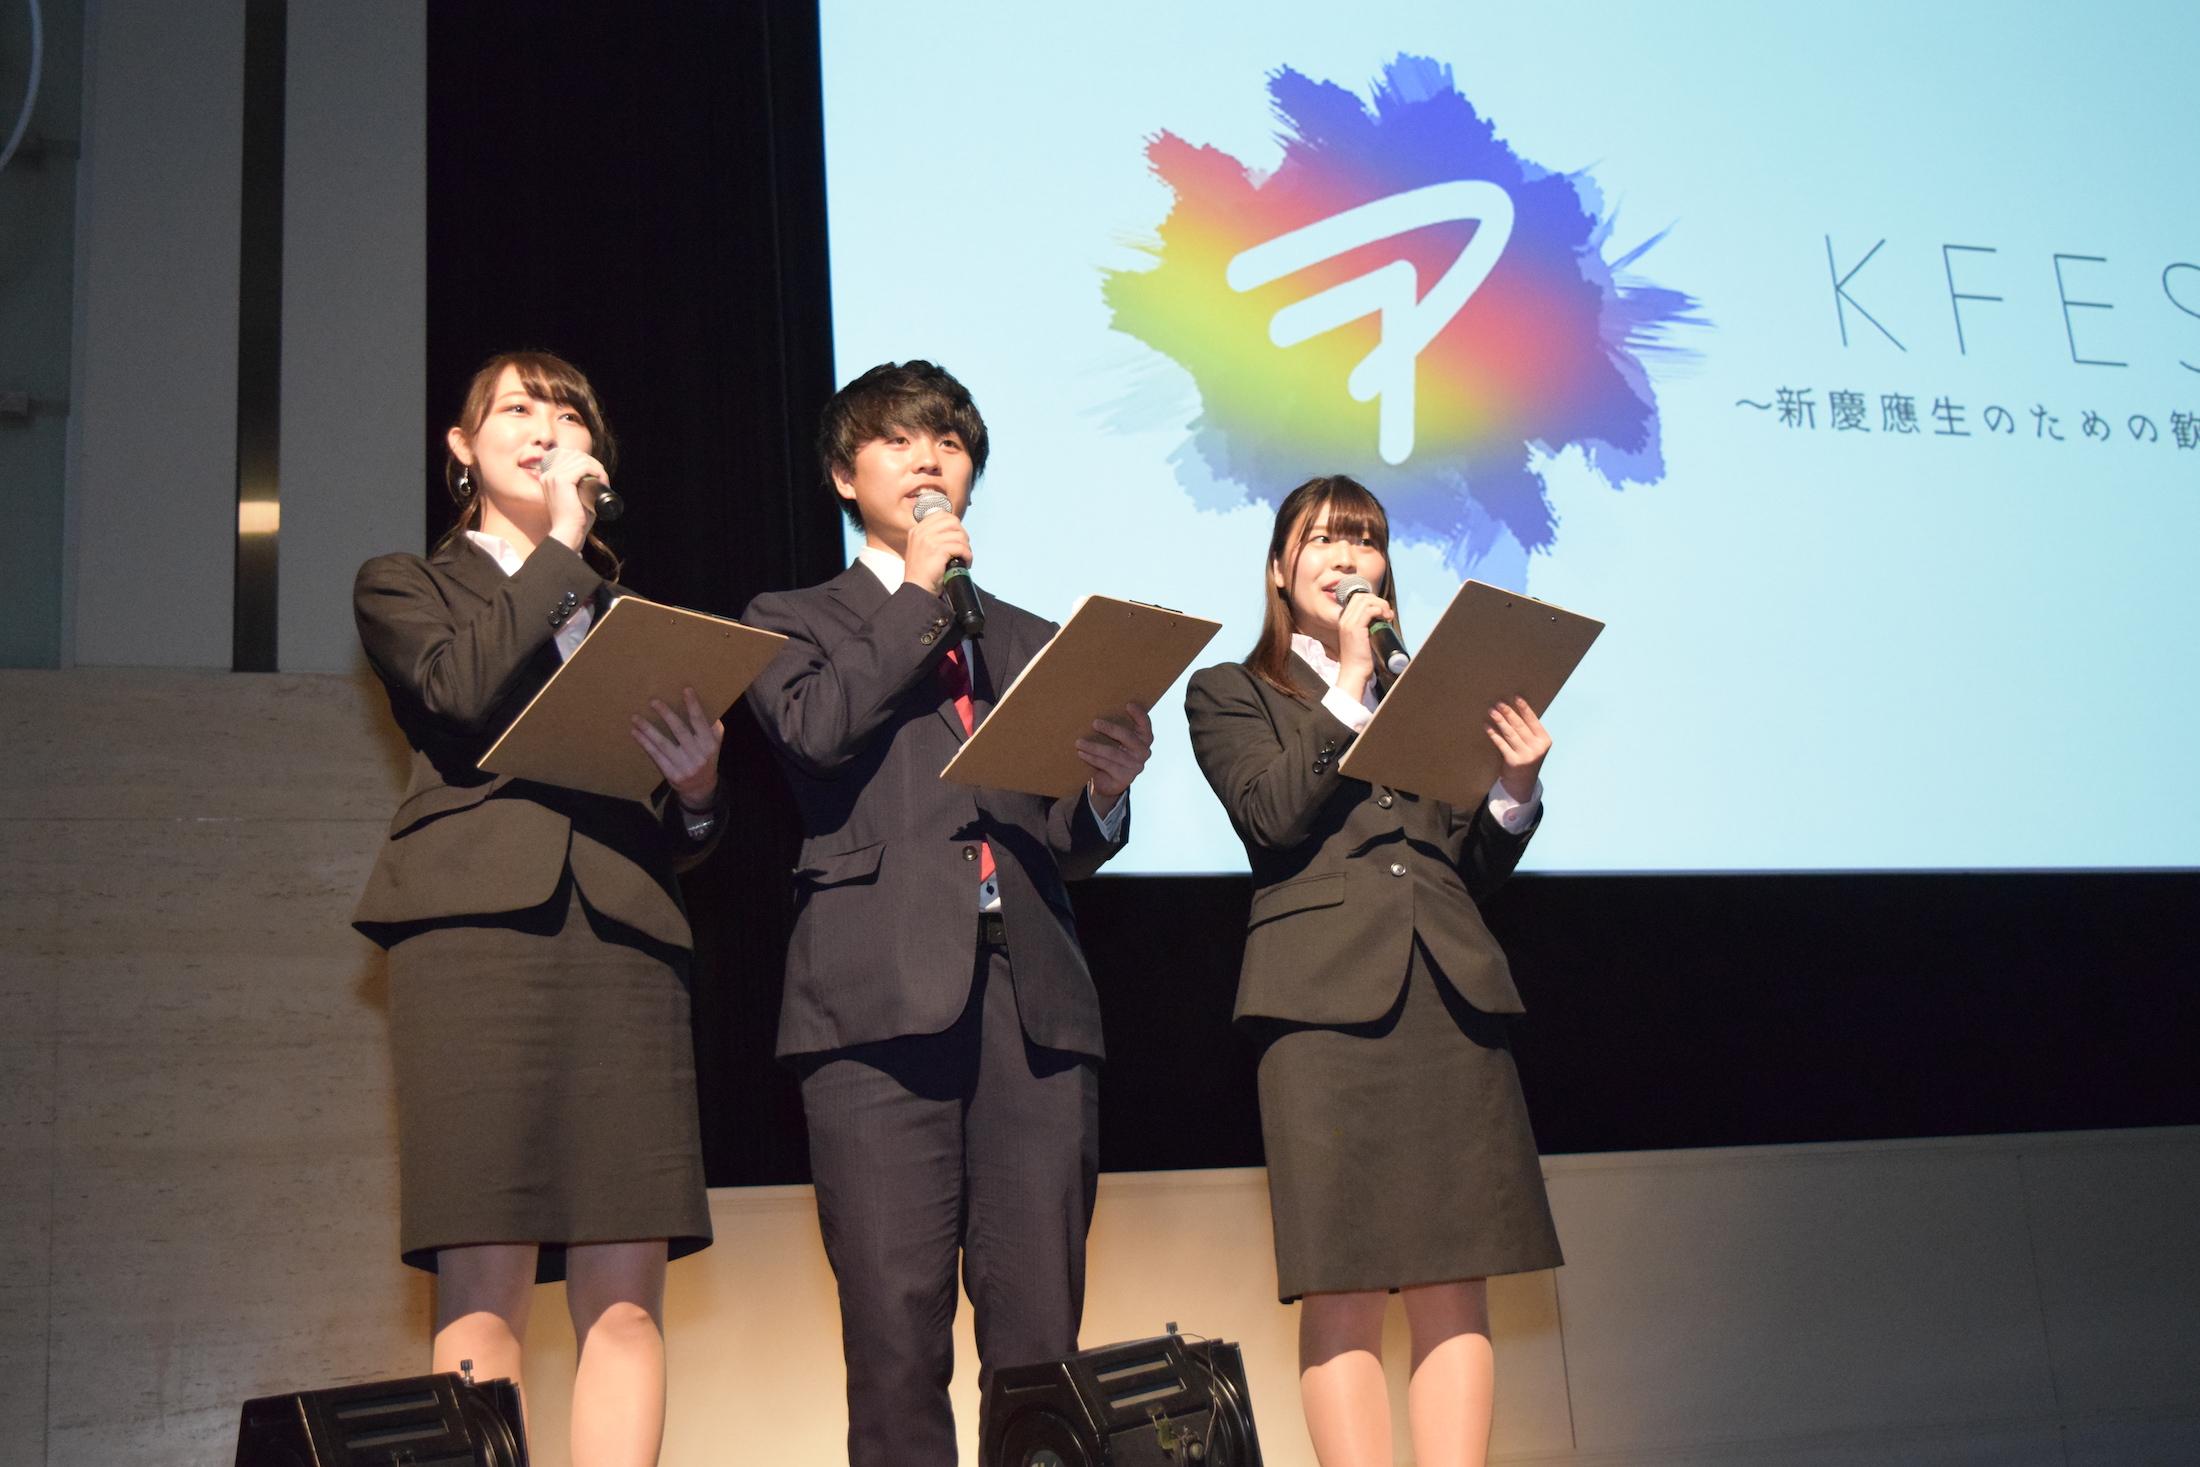 KFES2019〜新慶應生のための歓迎会〜